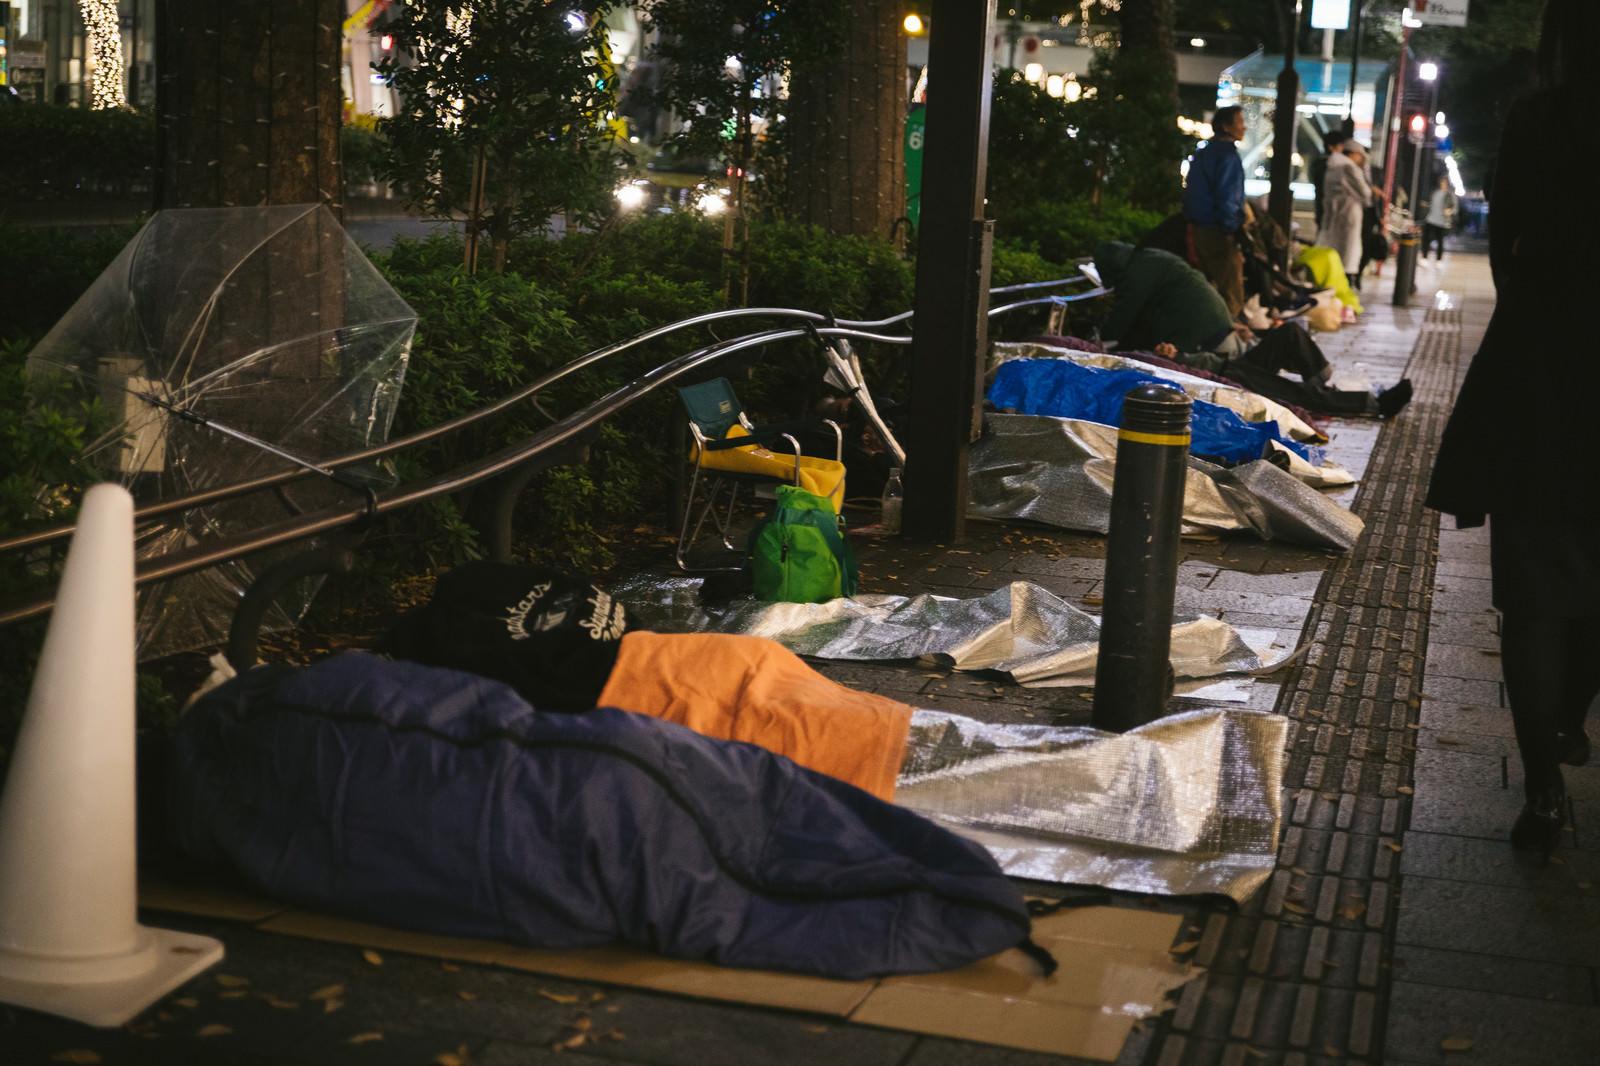 「徹夜行列の寝袋組 | 写真の無料素材・フリー素材 - ぱくたそ」の写真